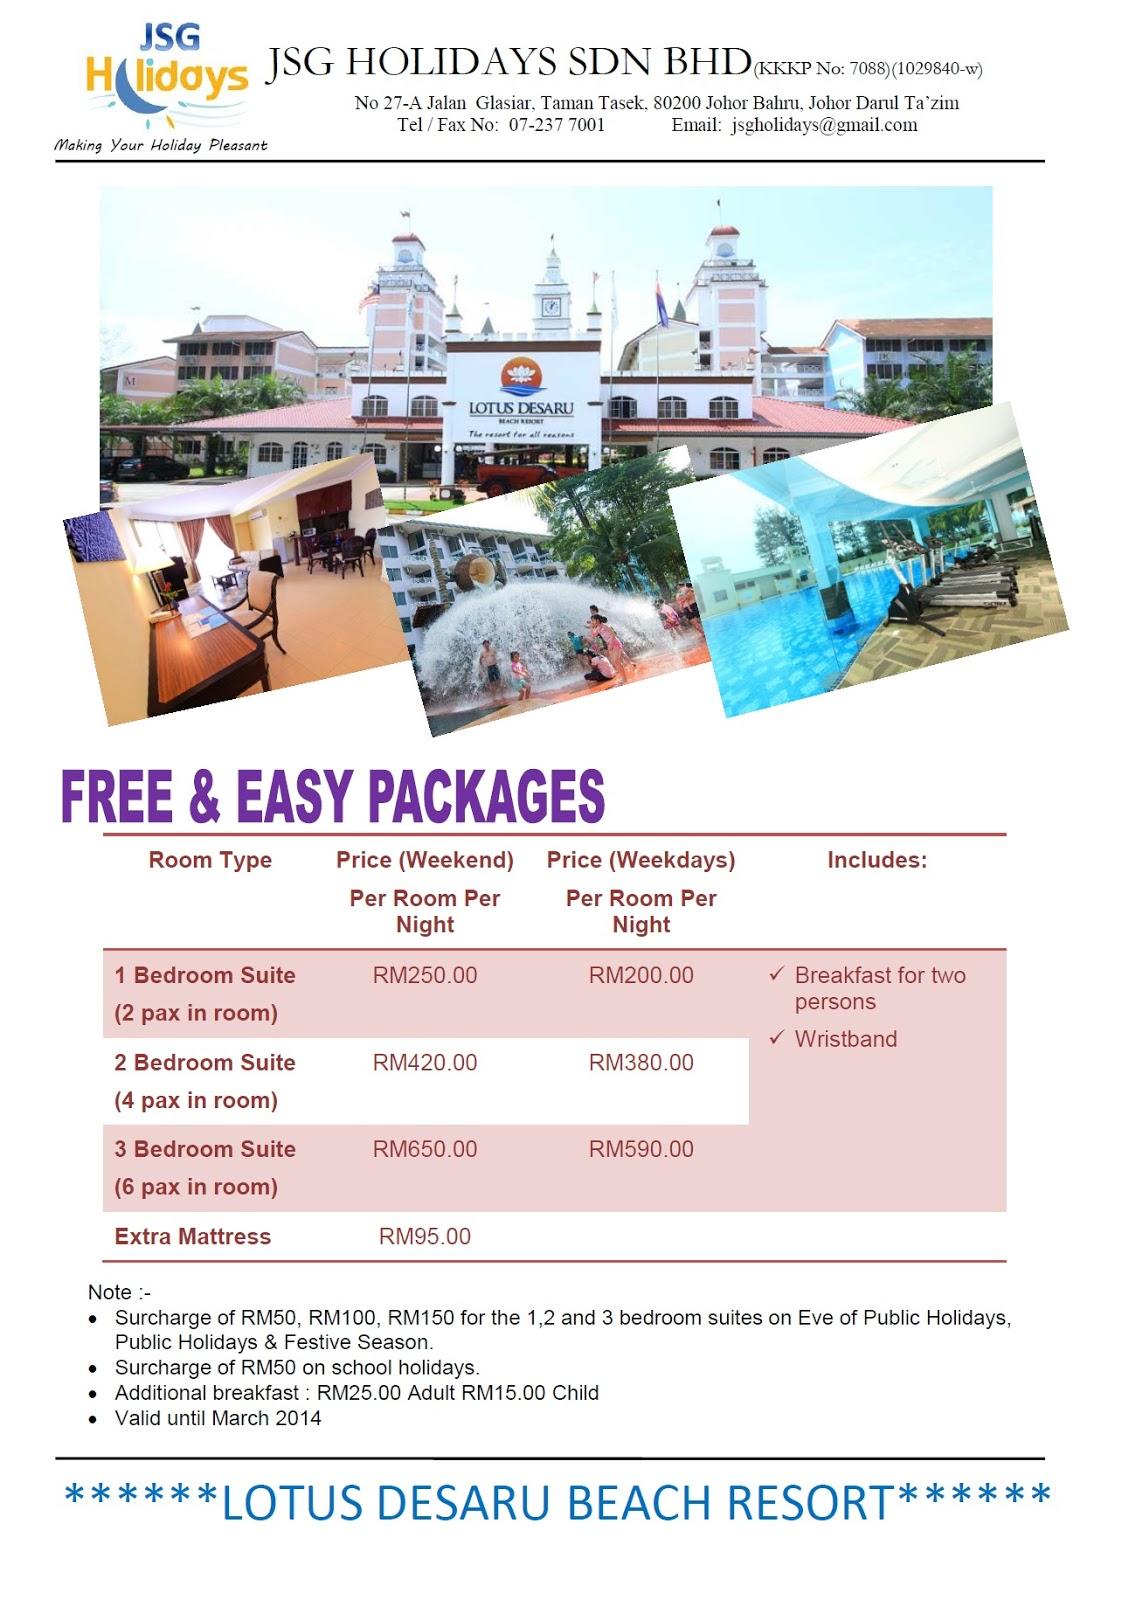 Lotus Desaru Beach Resort Package